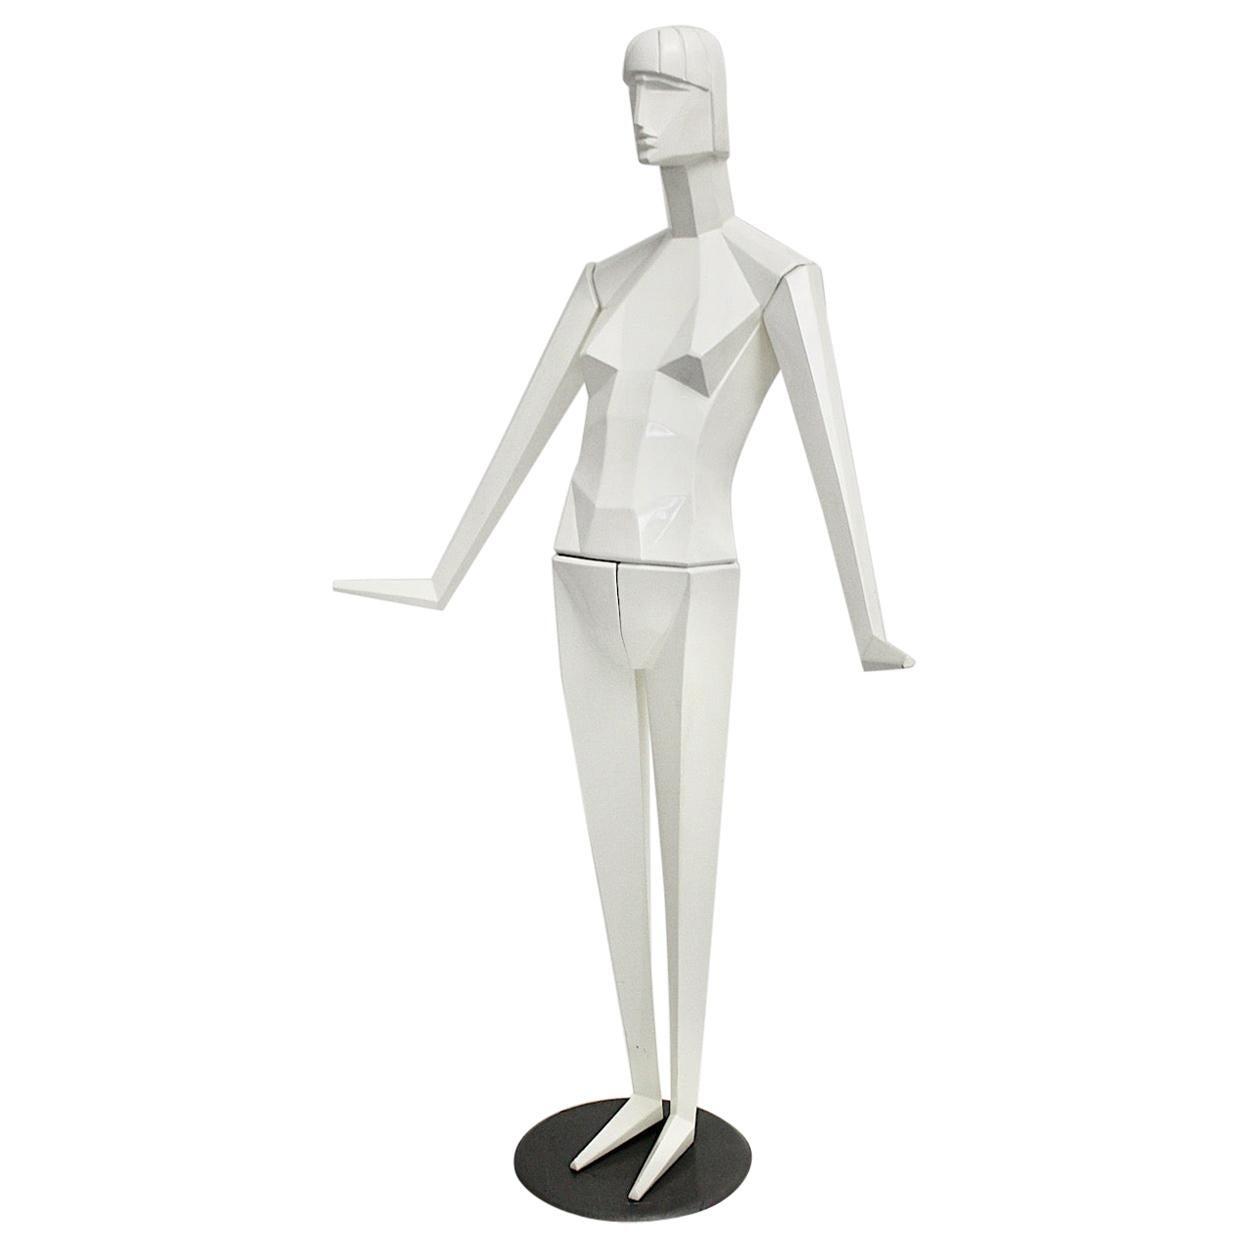 Art Deco Revival White Full Body Vintage Plastic Mannequin, 1980s, France